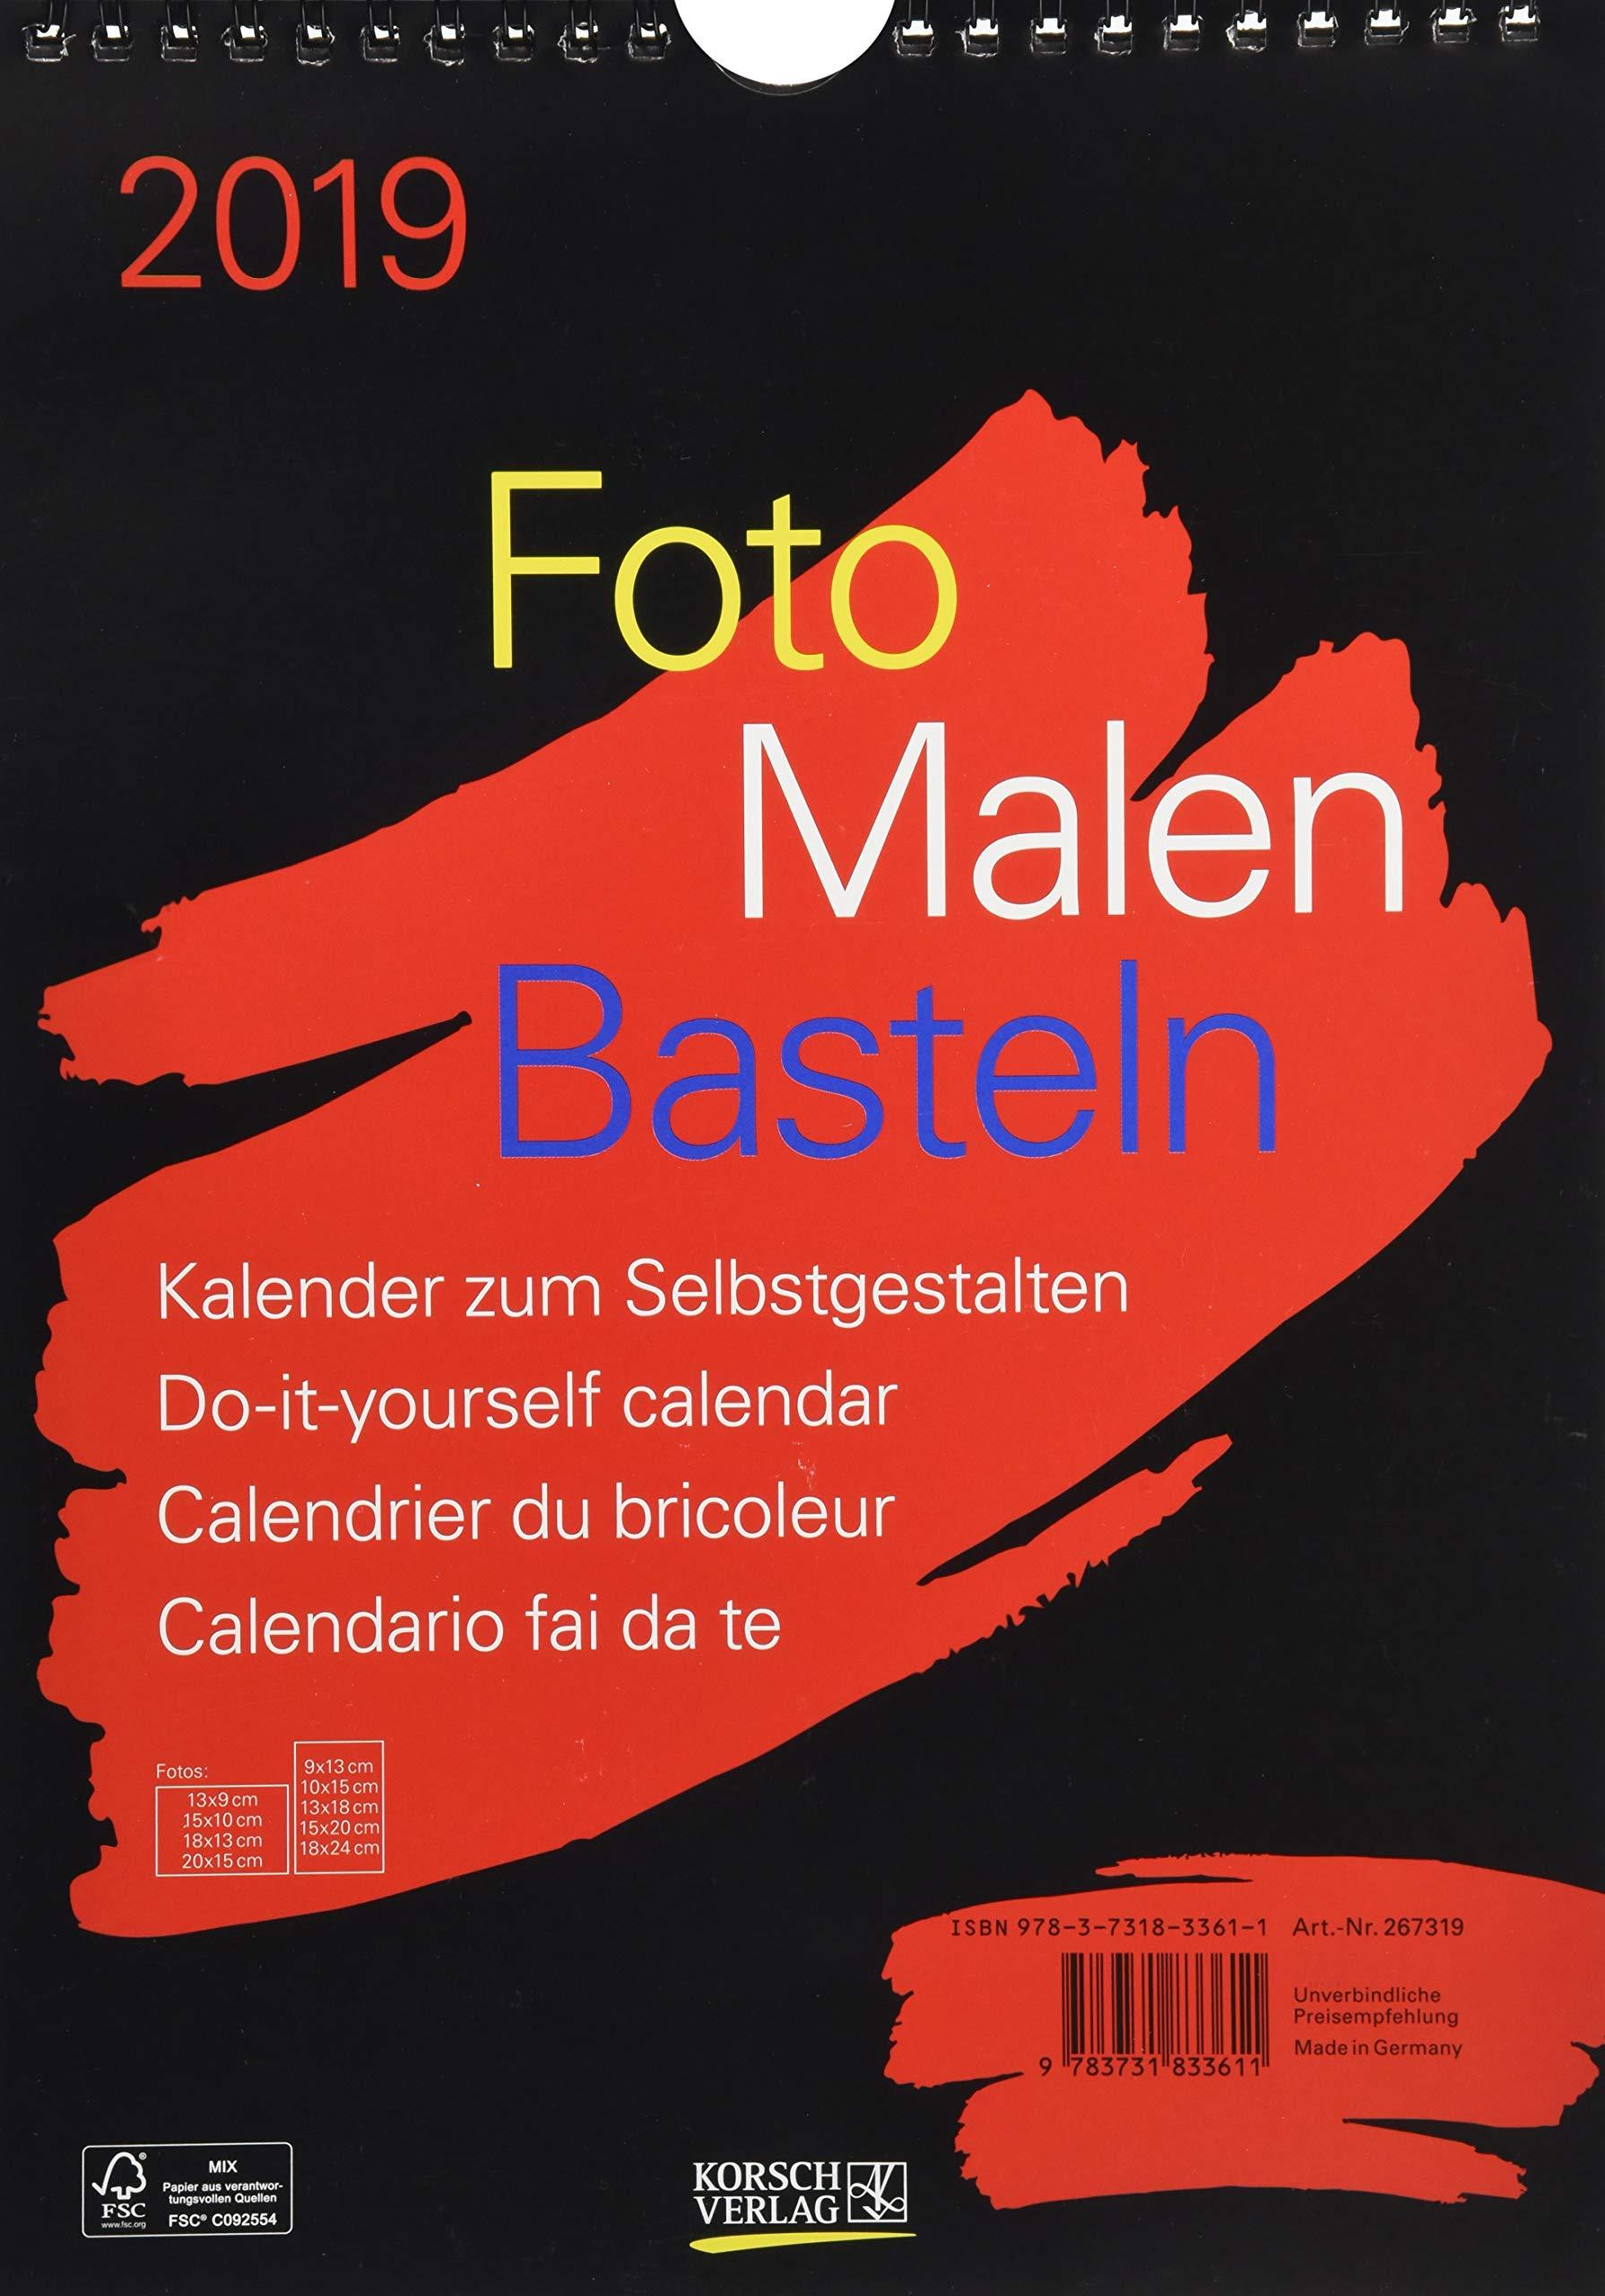 foto-malen-basteln-bastelkalender-a4-schwarz-2019-fotokalender-zum-selbstgestalten-do-it-yourself-kalender-mit-festem-fotokarton